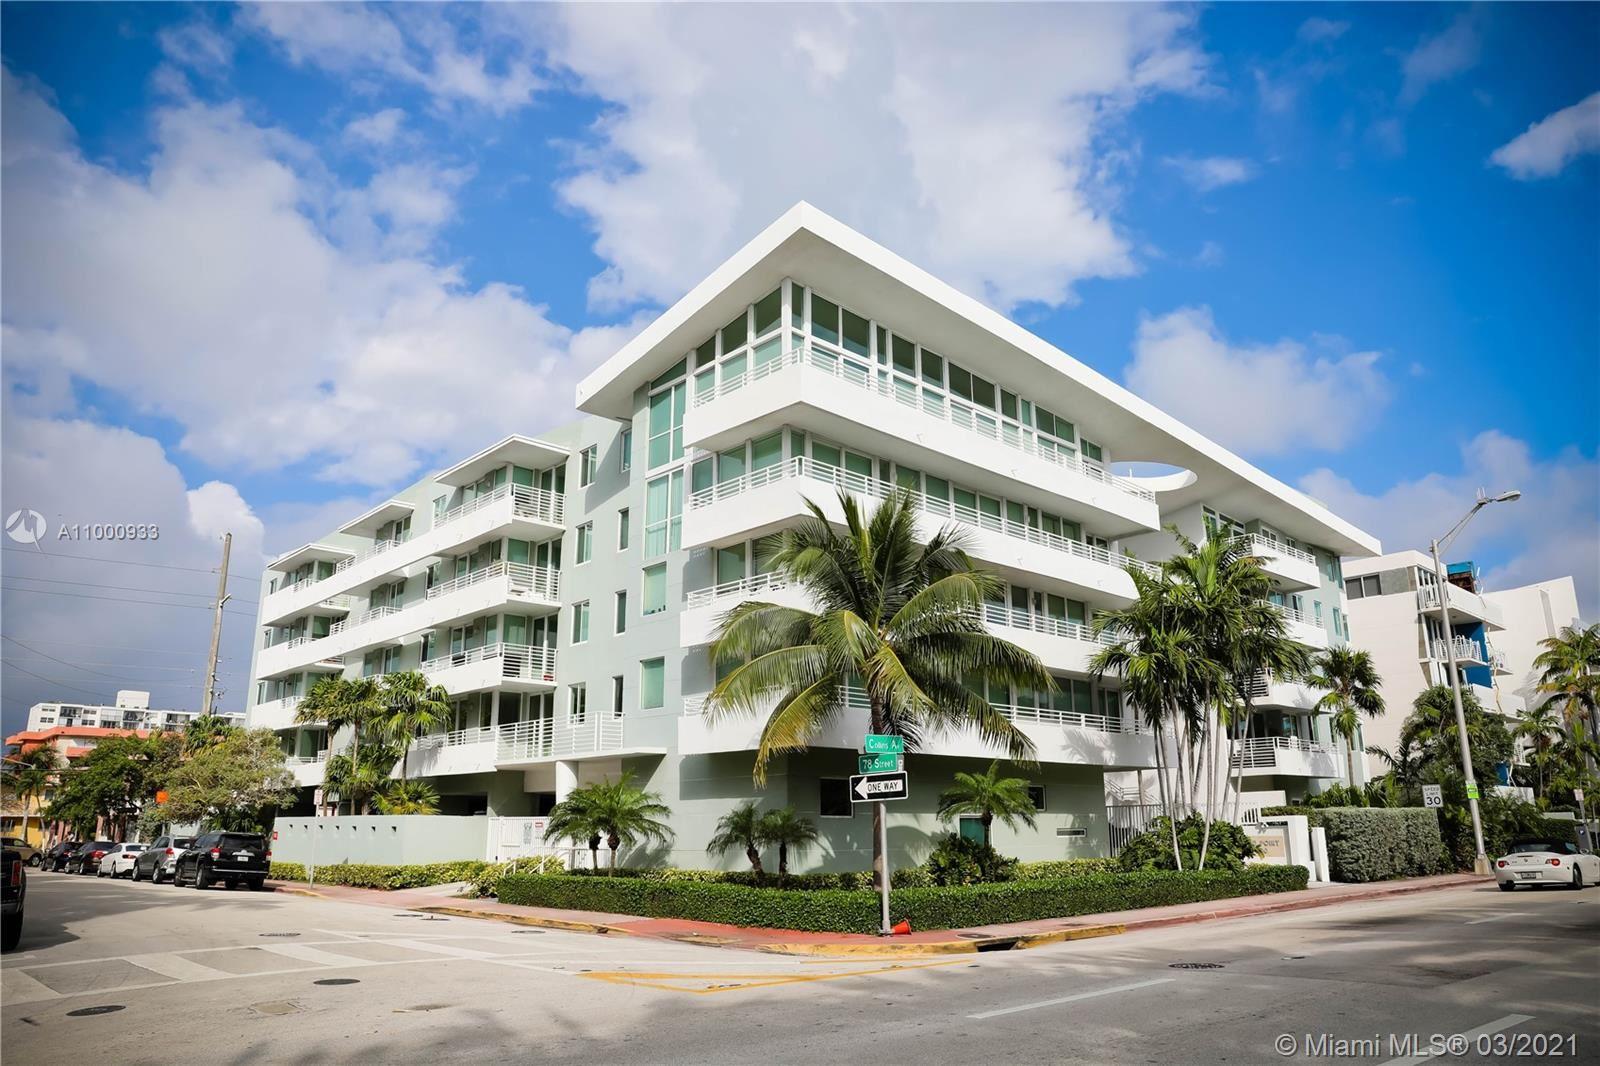 7800 Collins Ave #305, Miami Beach, FL 33141 - #: A11000933